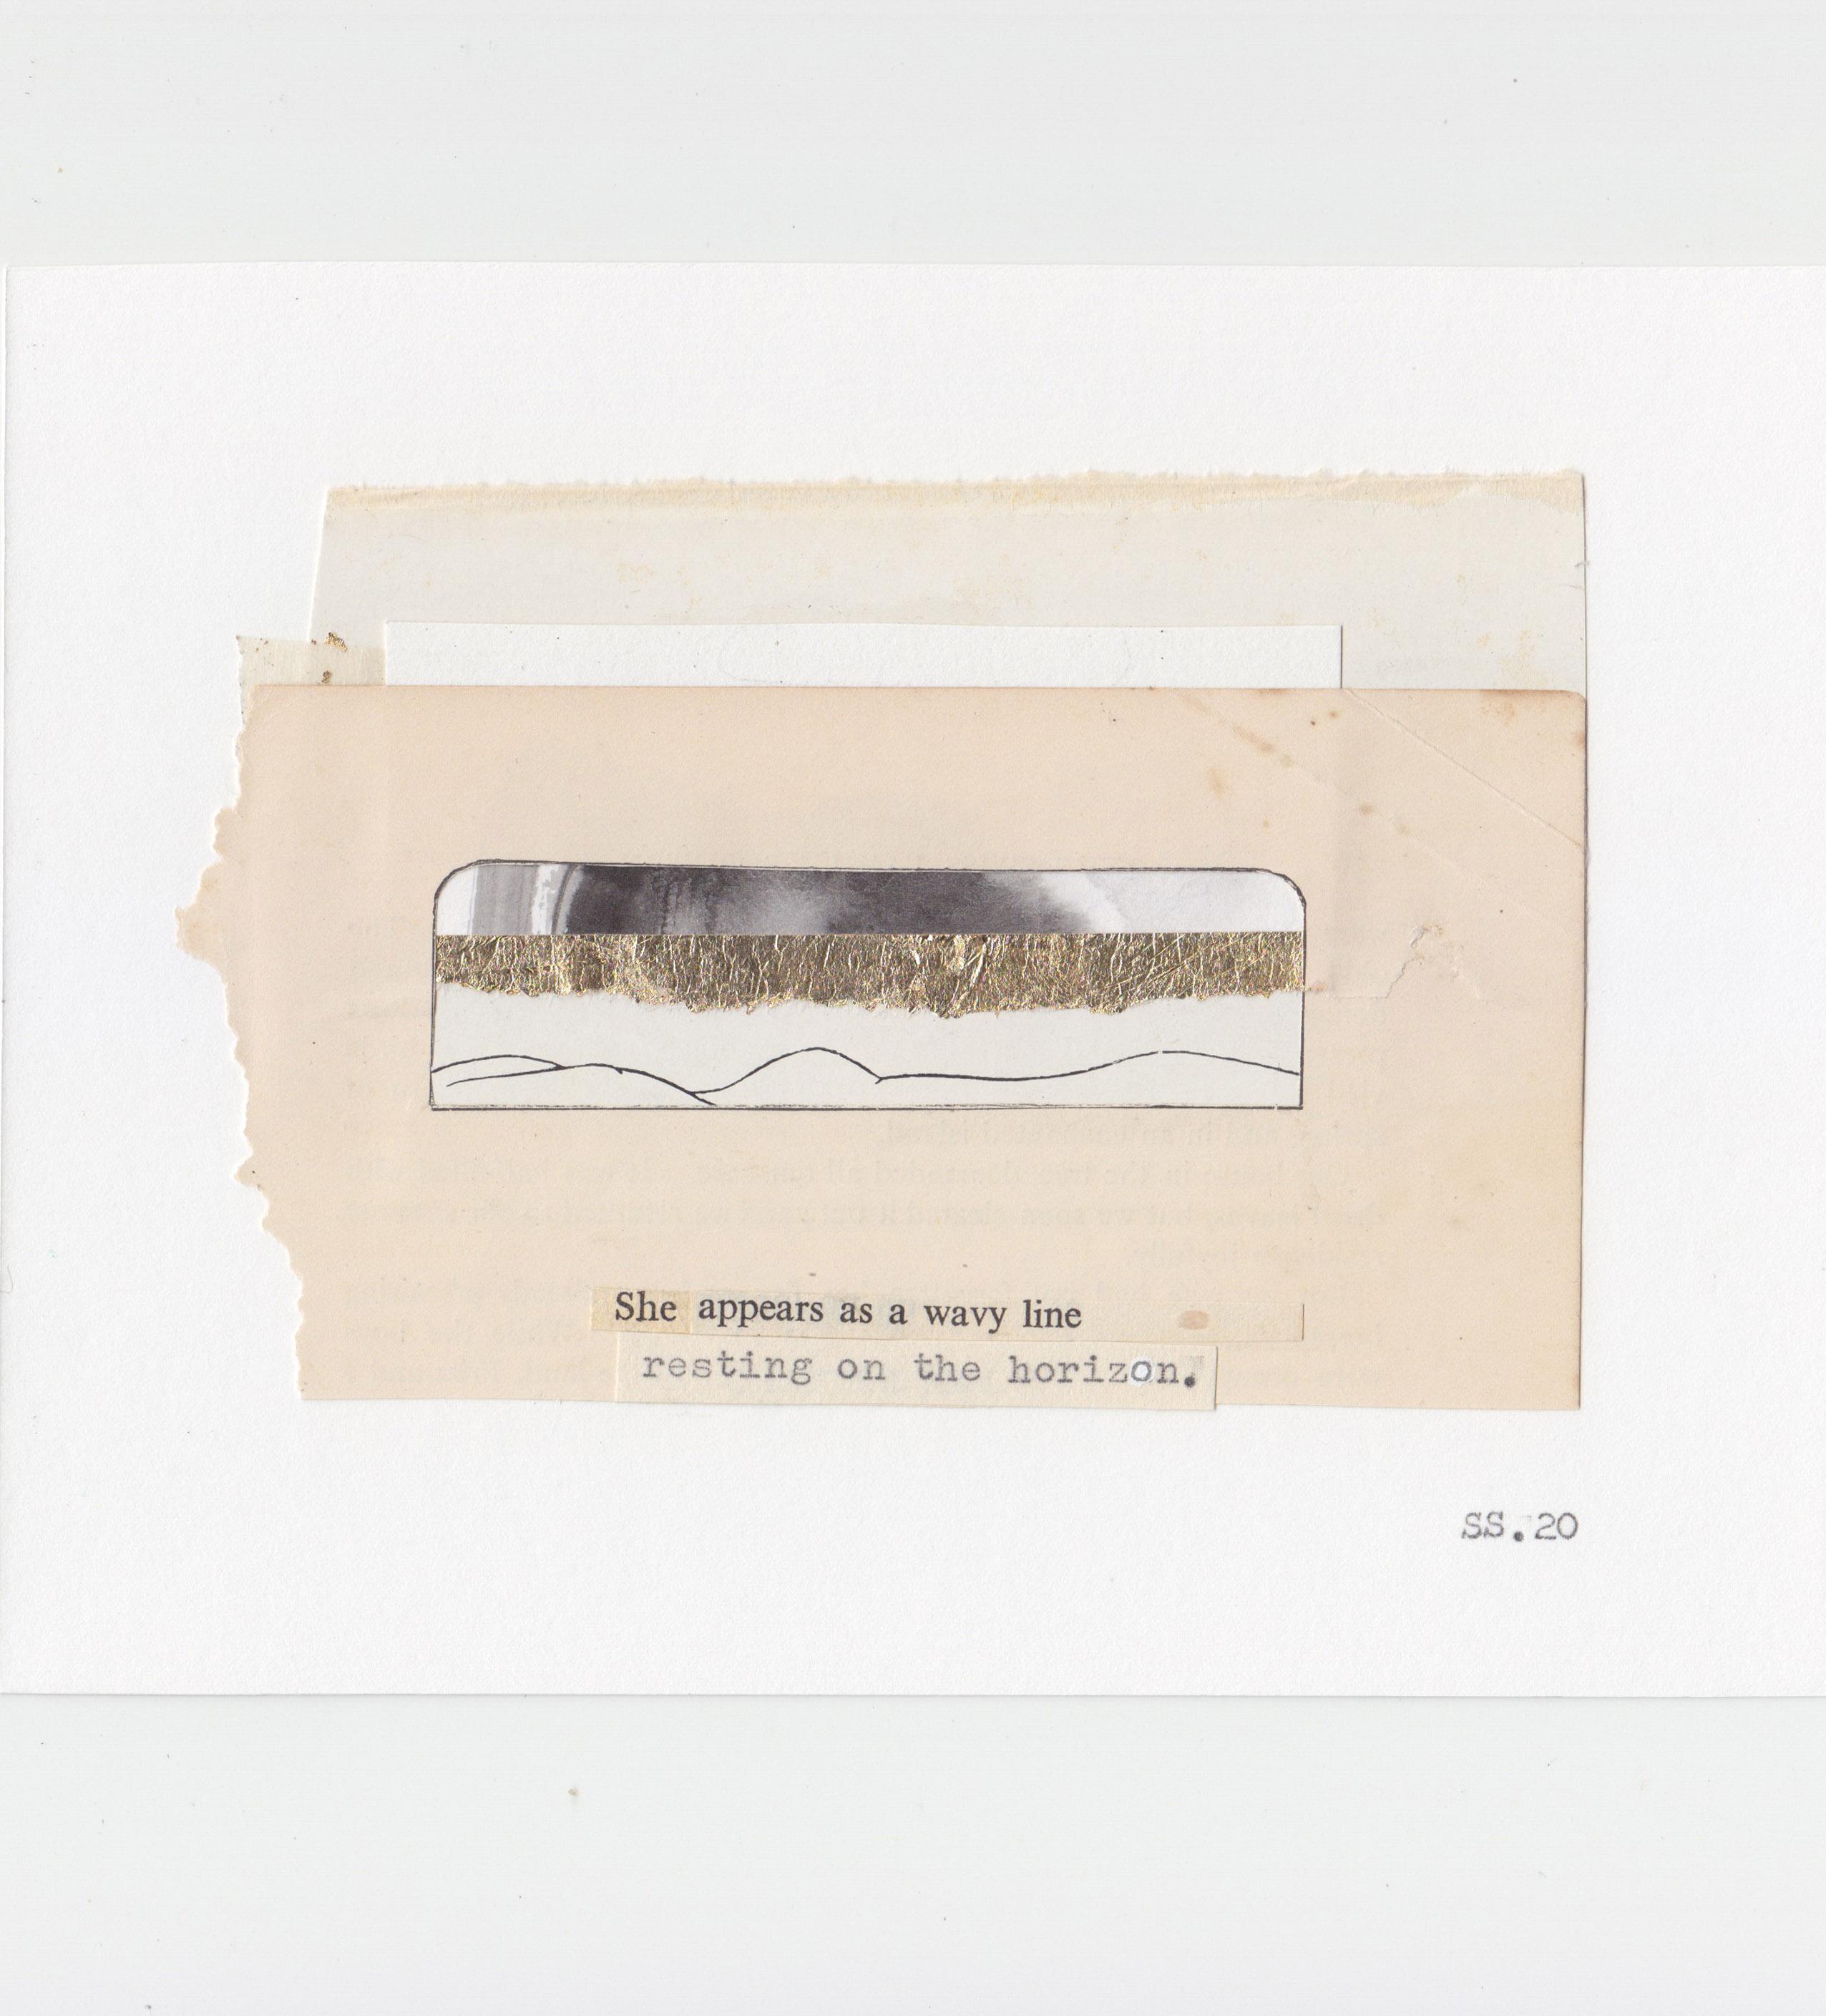 S 1.15 - 18x14 cm